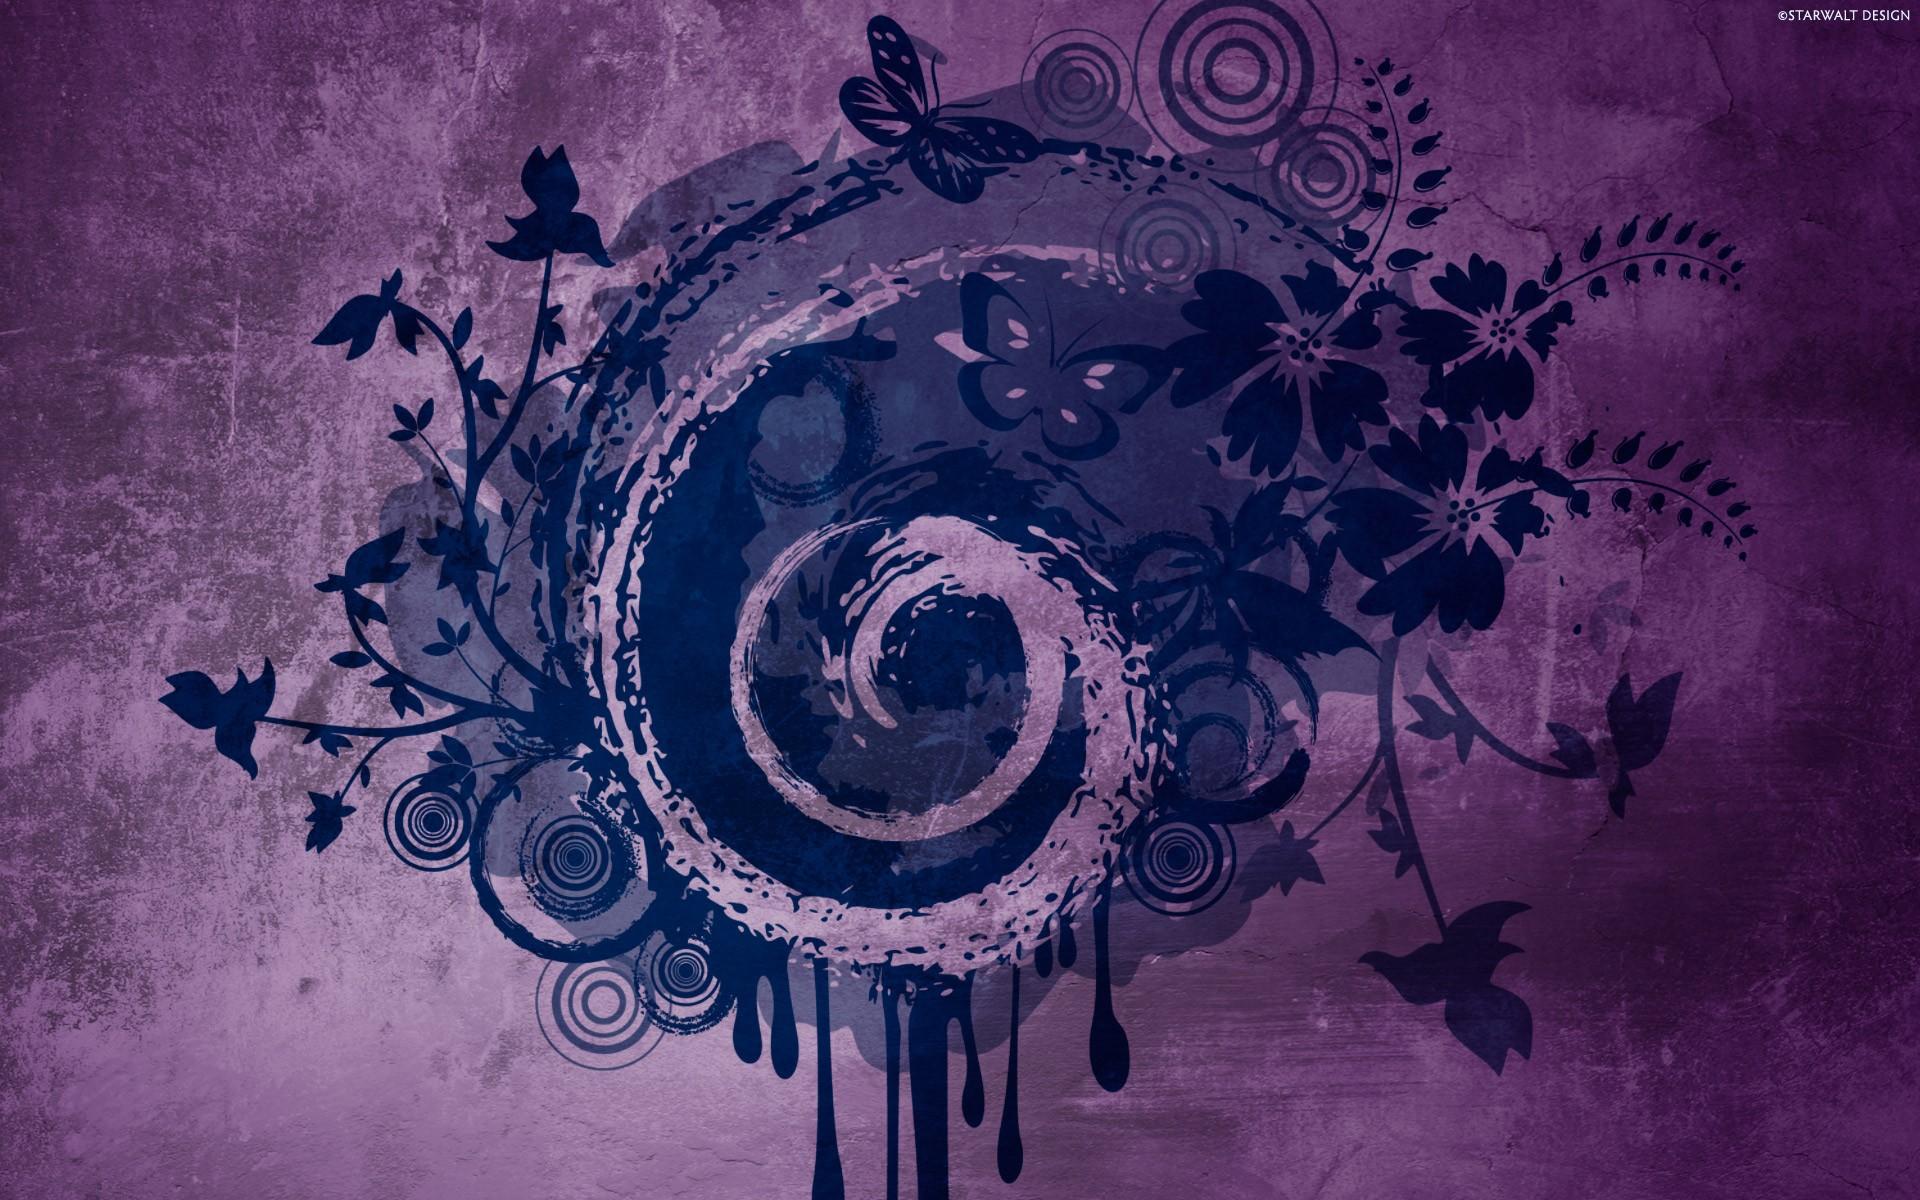 Fondo purpura y formas abstractas - 1920x1200